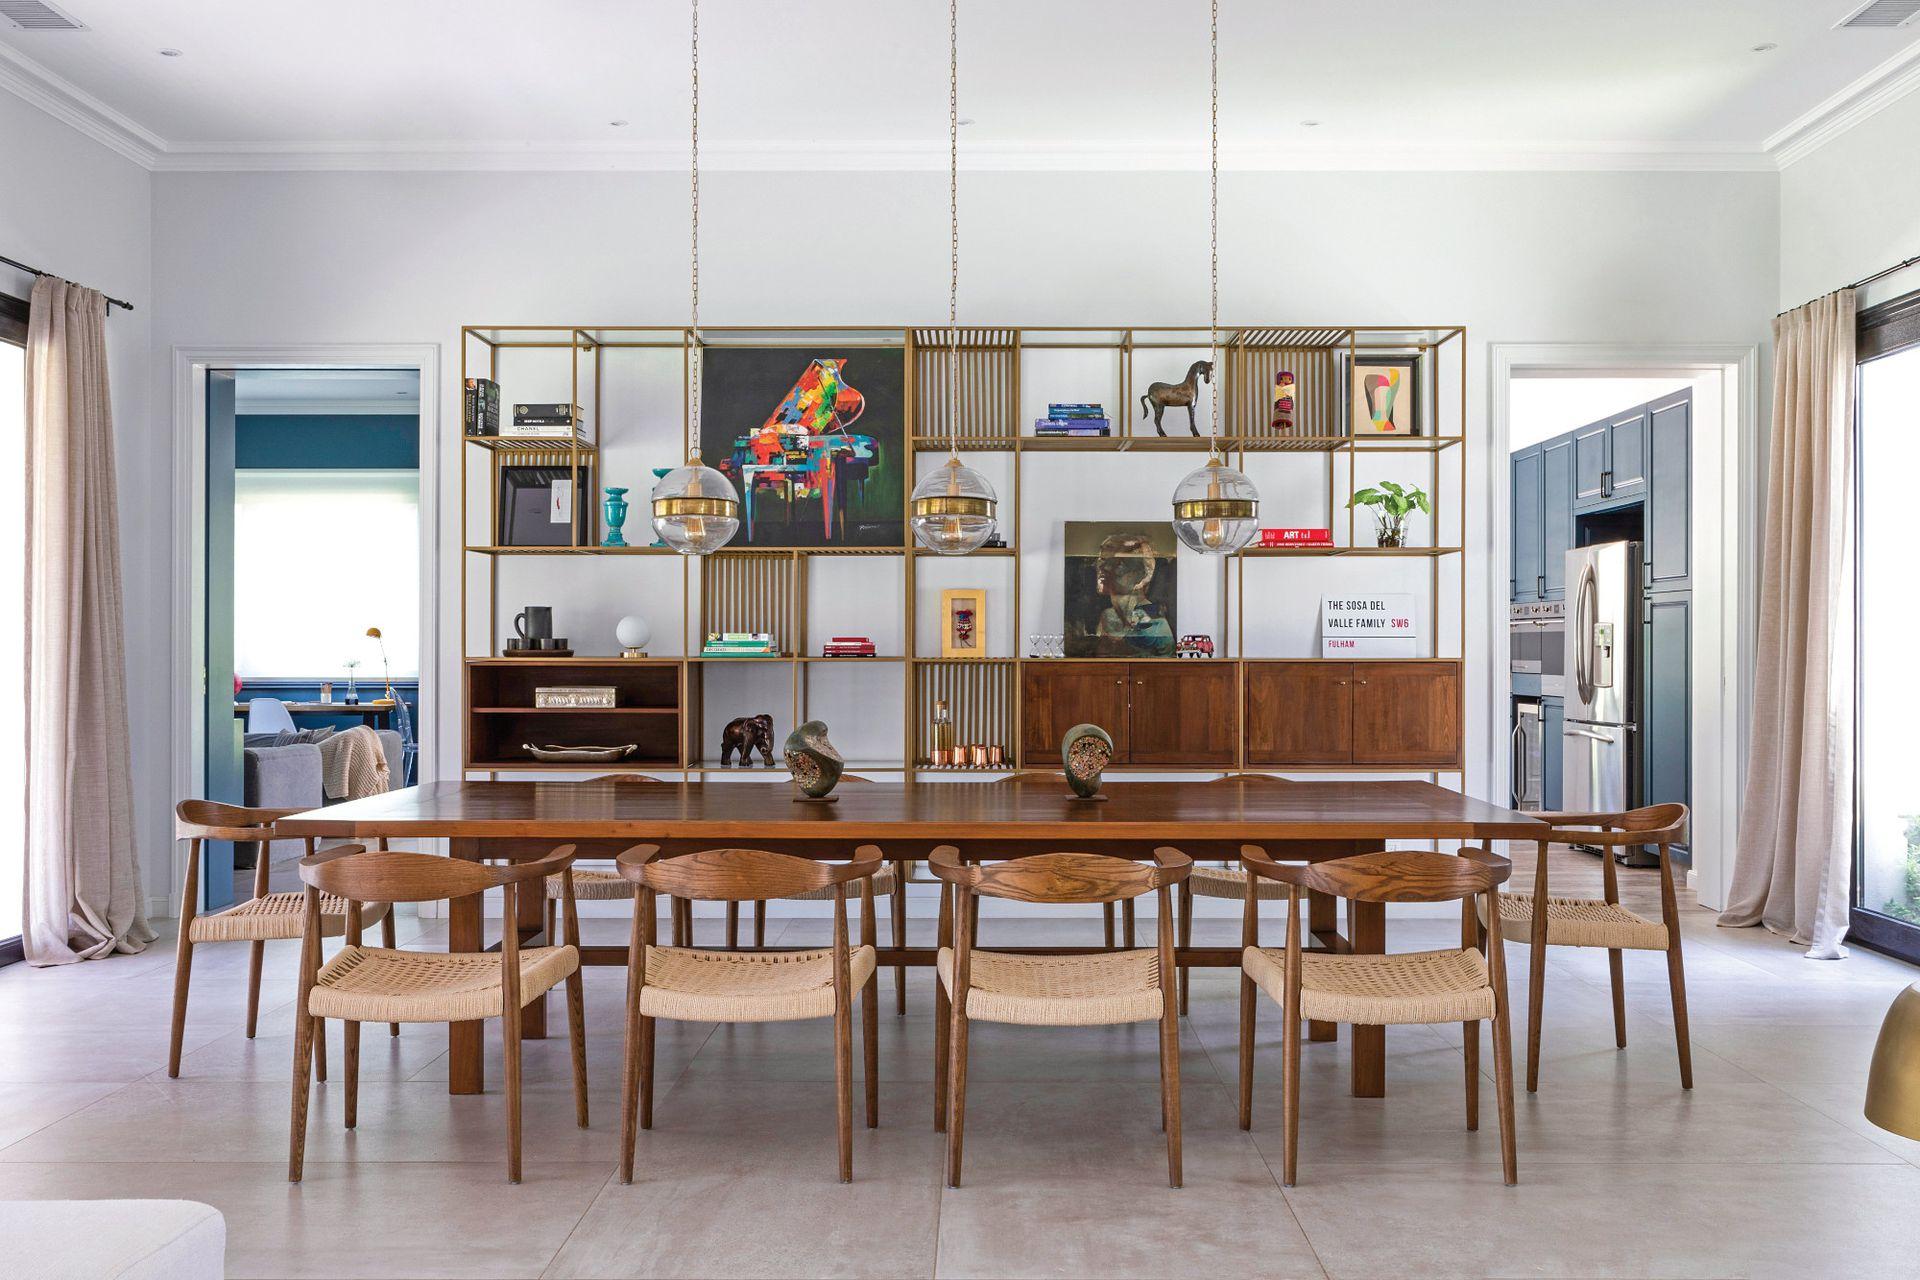 Protagonista y leit motiv del comedor, la biblioteca metálica llegó desde Chile. Mesa de madera (ambas, Broca, Chile) y sillas 'Norfolk Attimo' (Tienda Paris, Chile).